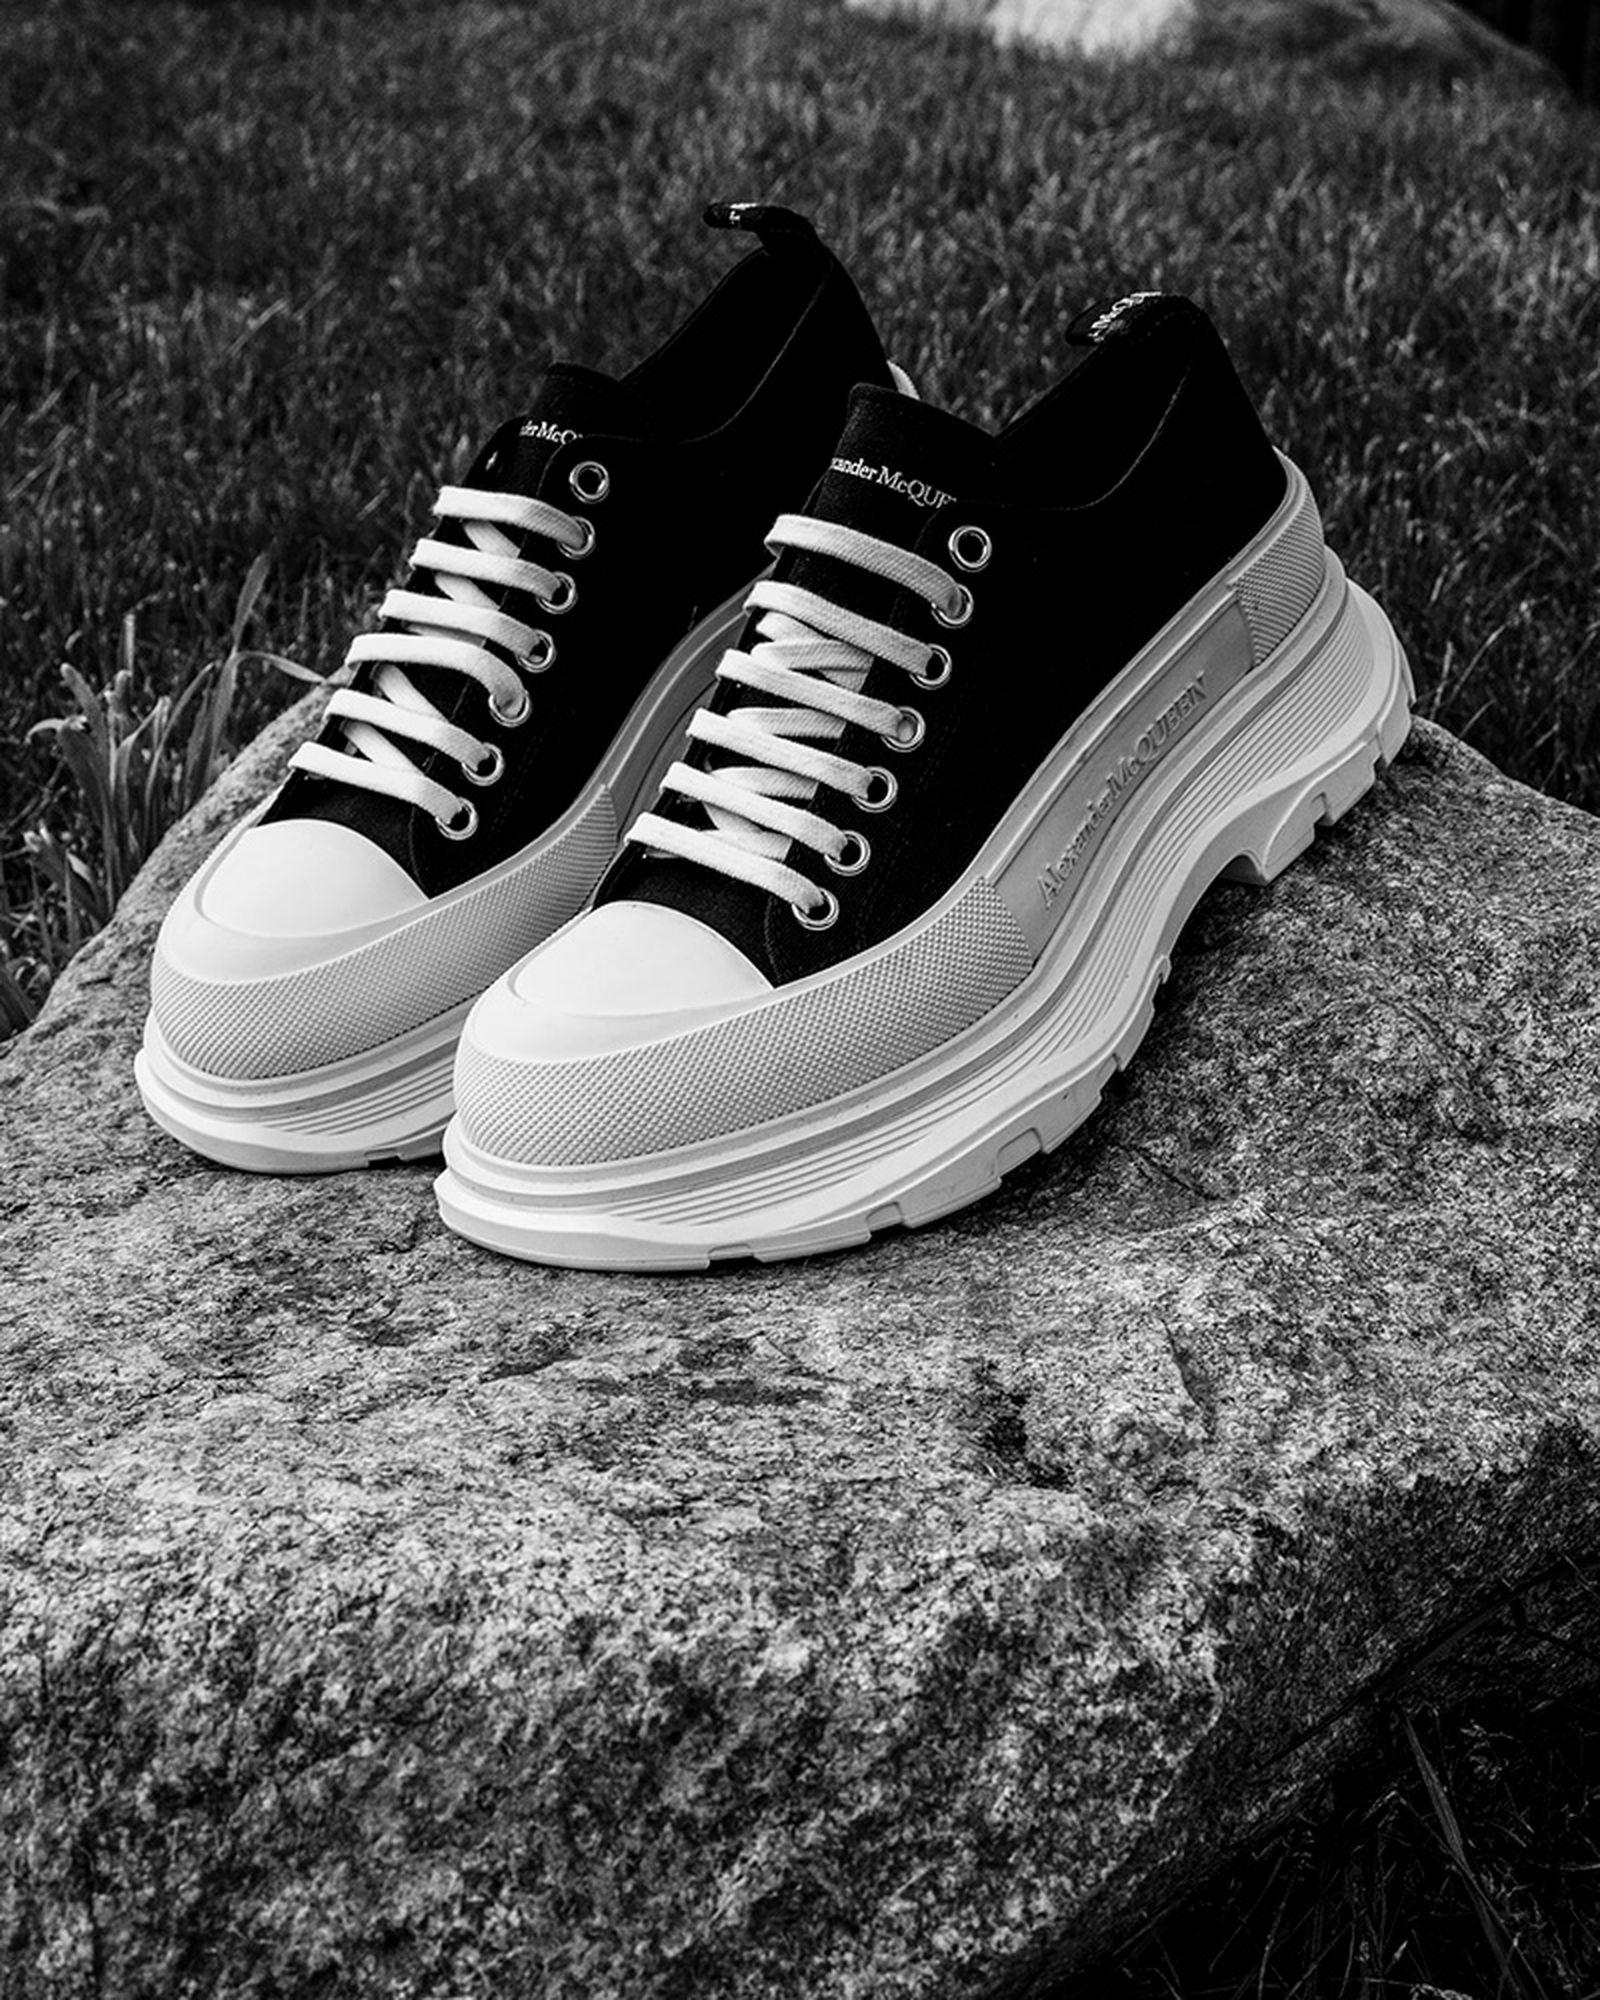 alexander-mcqueen-tread-slick-release-date-price-01